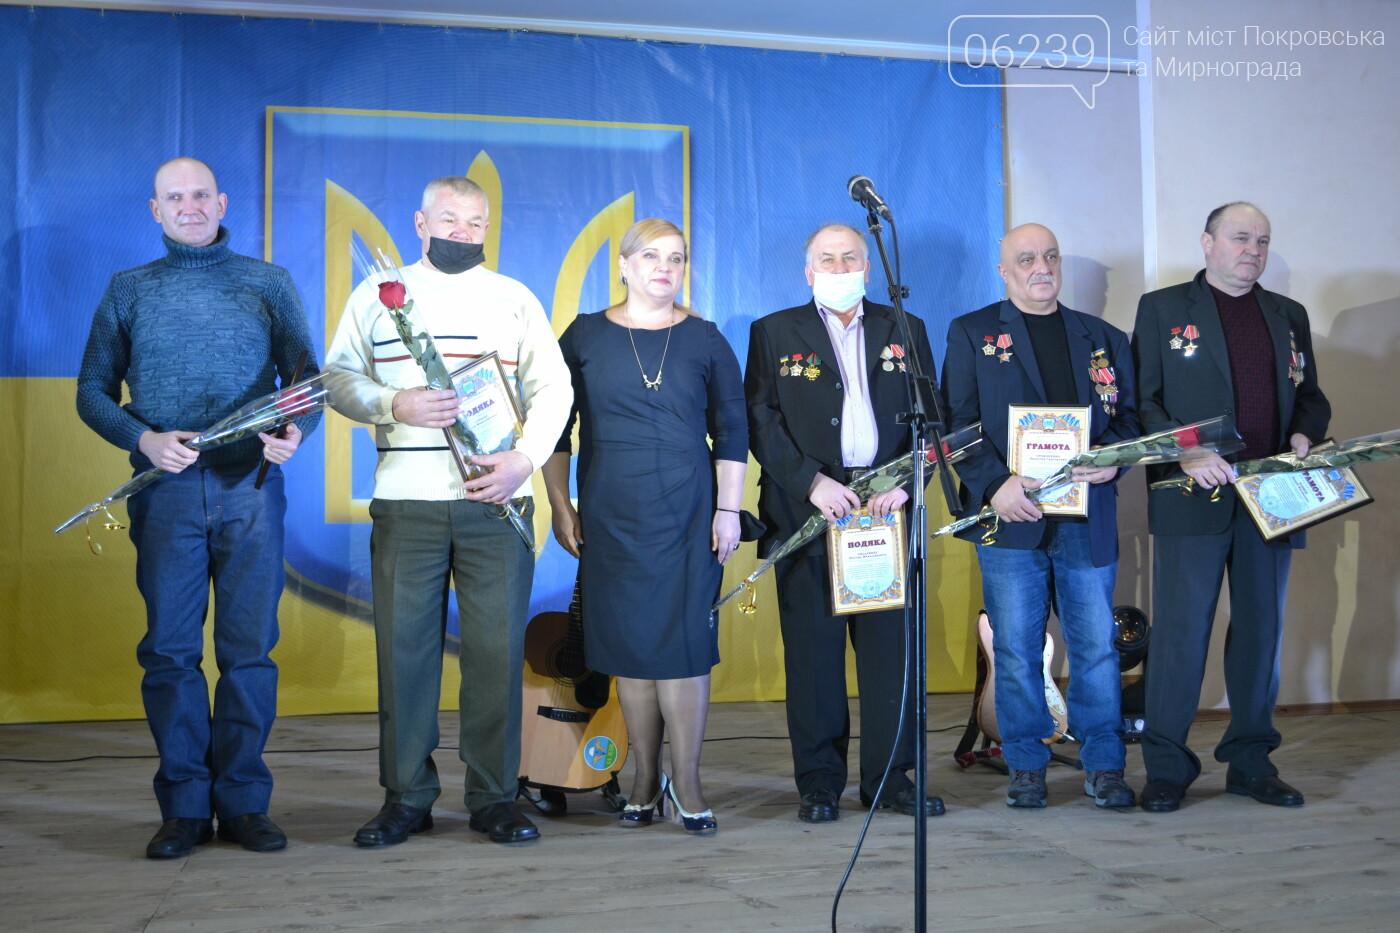 В Покровске и Мирнограде отметили 32-ю годовщину вывода войск из Афганистана, фото-16